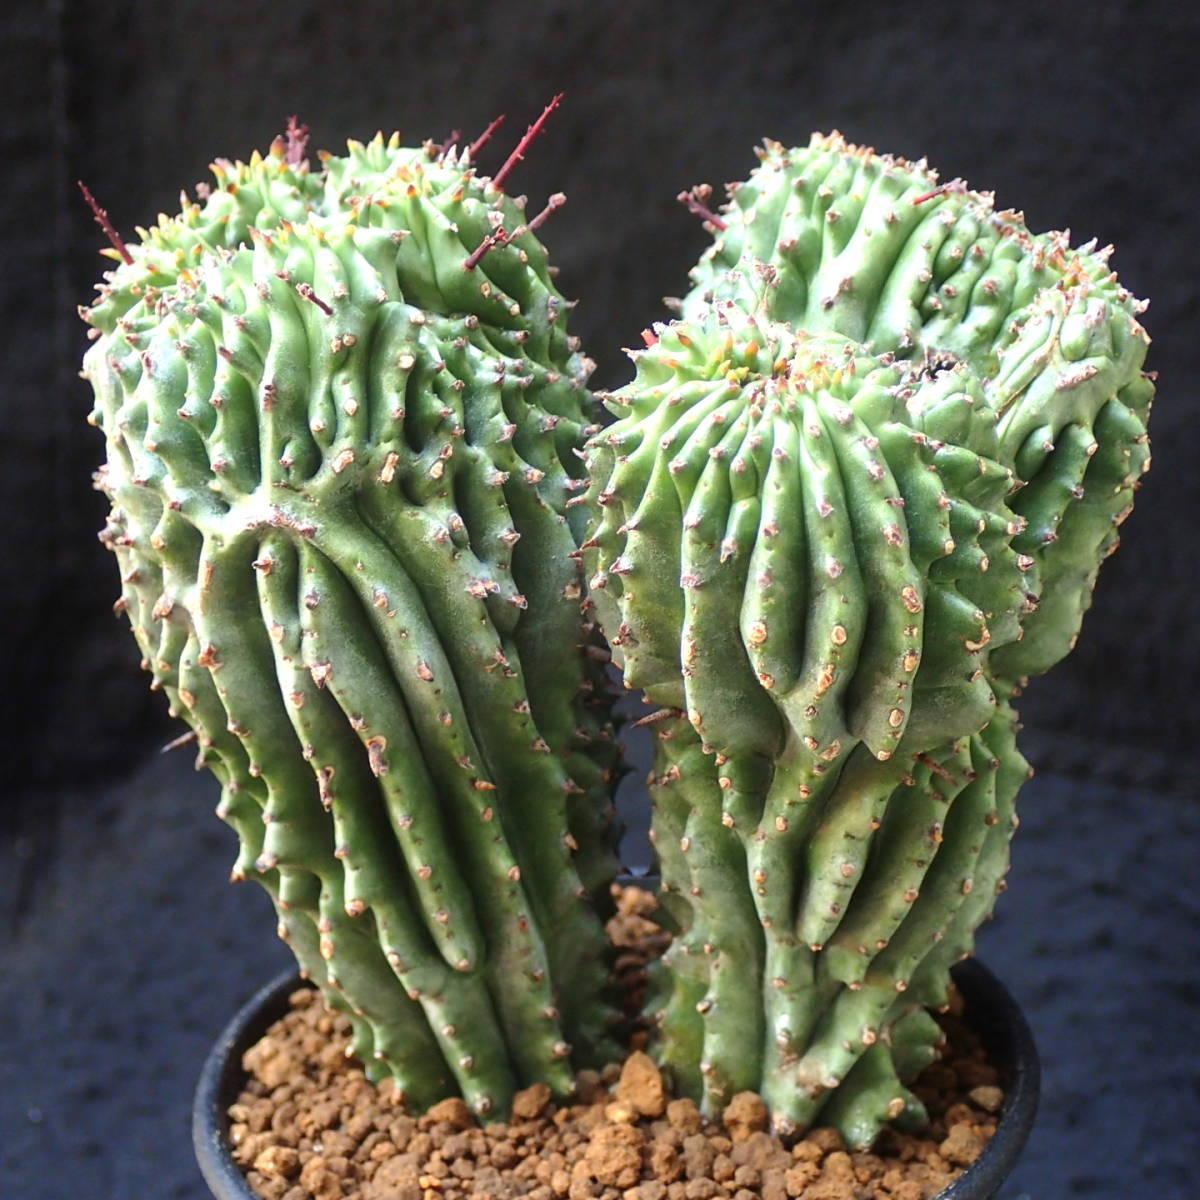 めったにない極太3頭モンスト綴化 ホリダ ユーフォルビア euphorbia horrida/ 多肉植物 塊根植物 サボテン コーデックス_どこから見ても楽しめる.